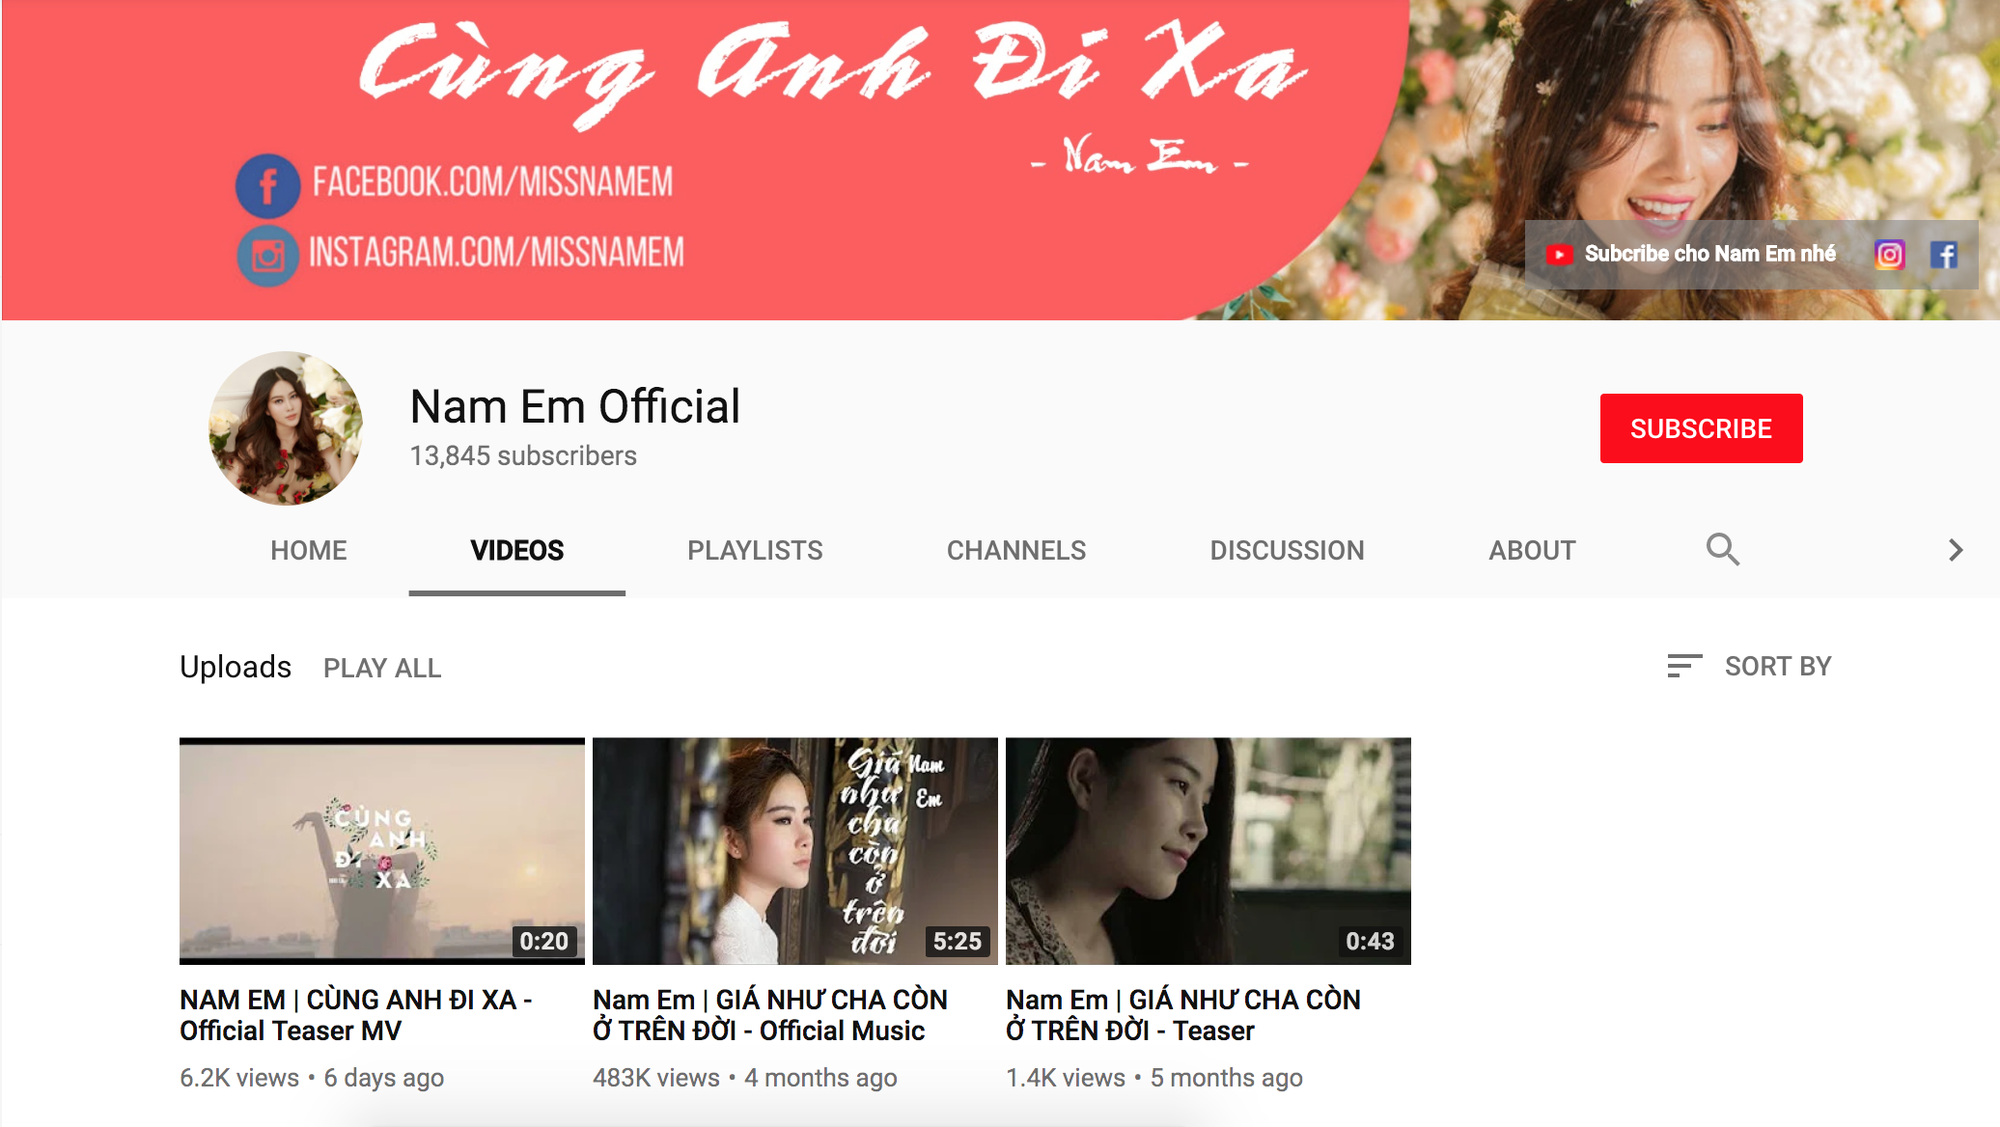 Giữa ồn ào tình cảm, Nam Em gỡ bỏ MV chỉ vừa ra mắt 5 ngày để khẳng định không PR bằng scandal - Ảnh 1.